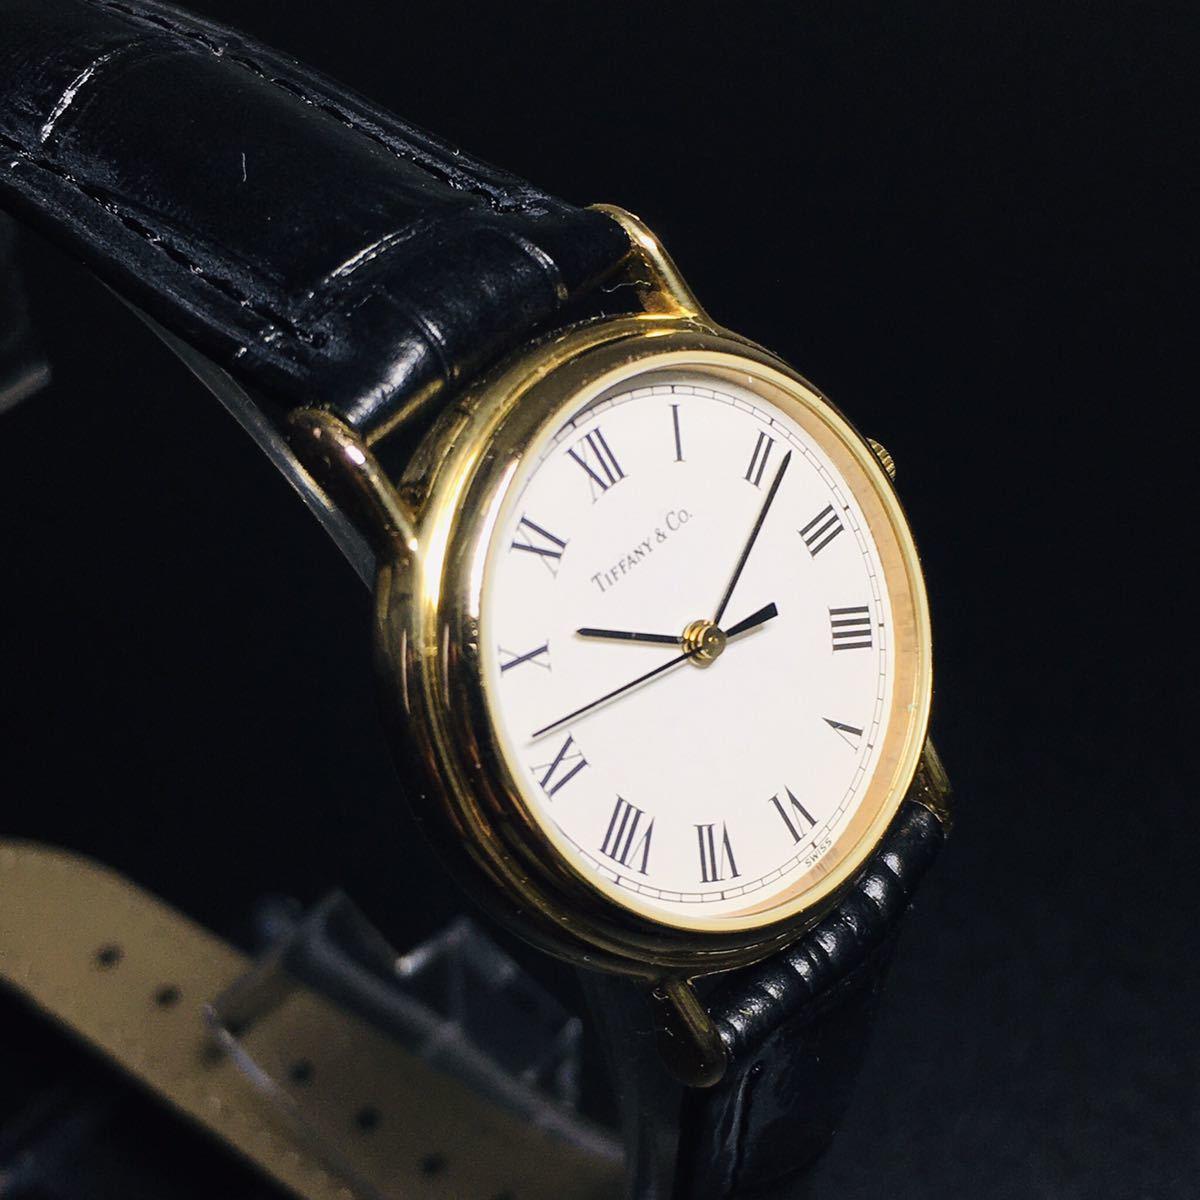 【美品 正規品】ティファニー 腕時計 ローマンインデックス ゴールド クラシック ラウンド レディース 【2005Ti36】_画像3